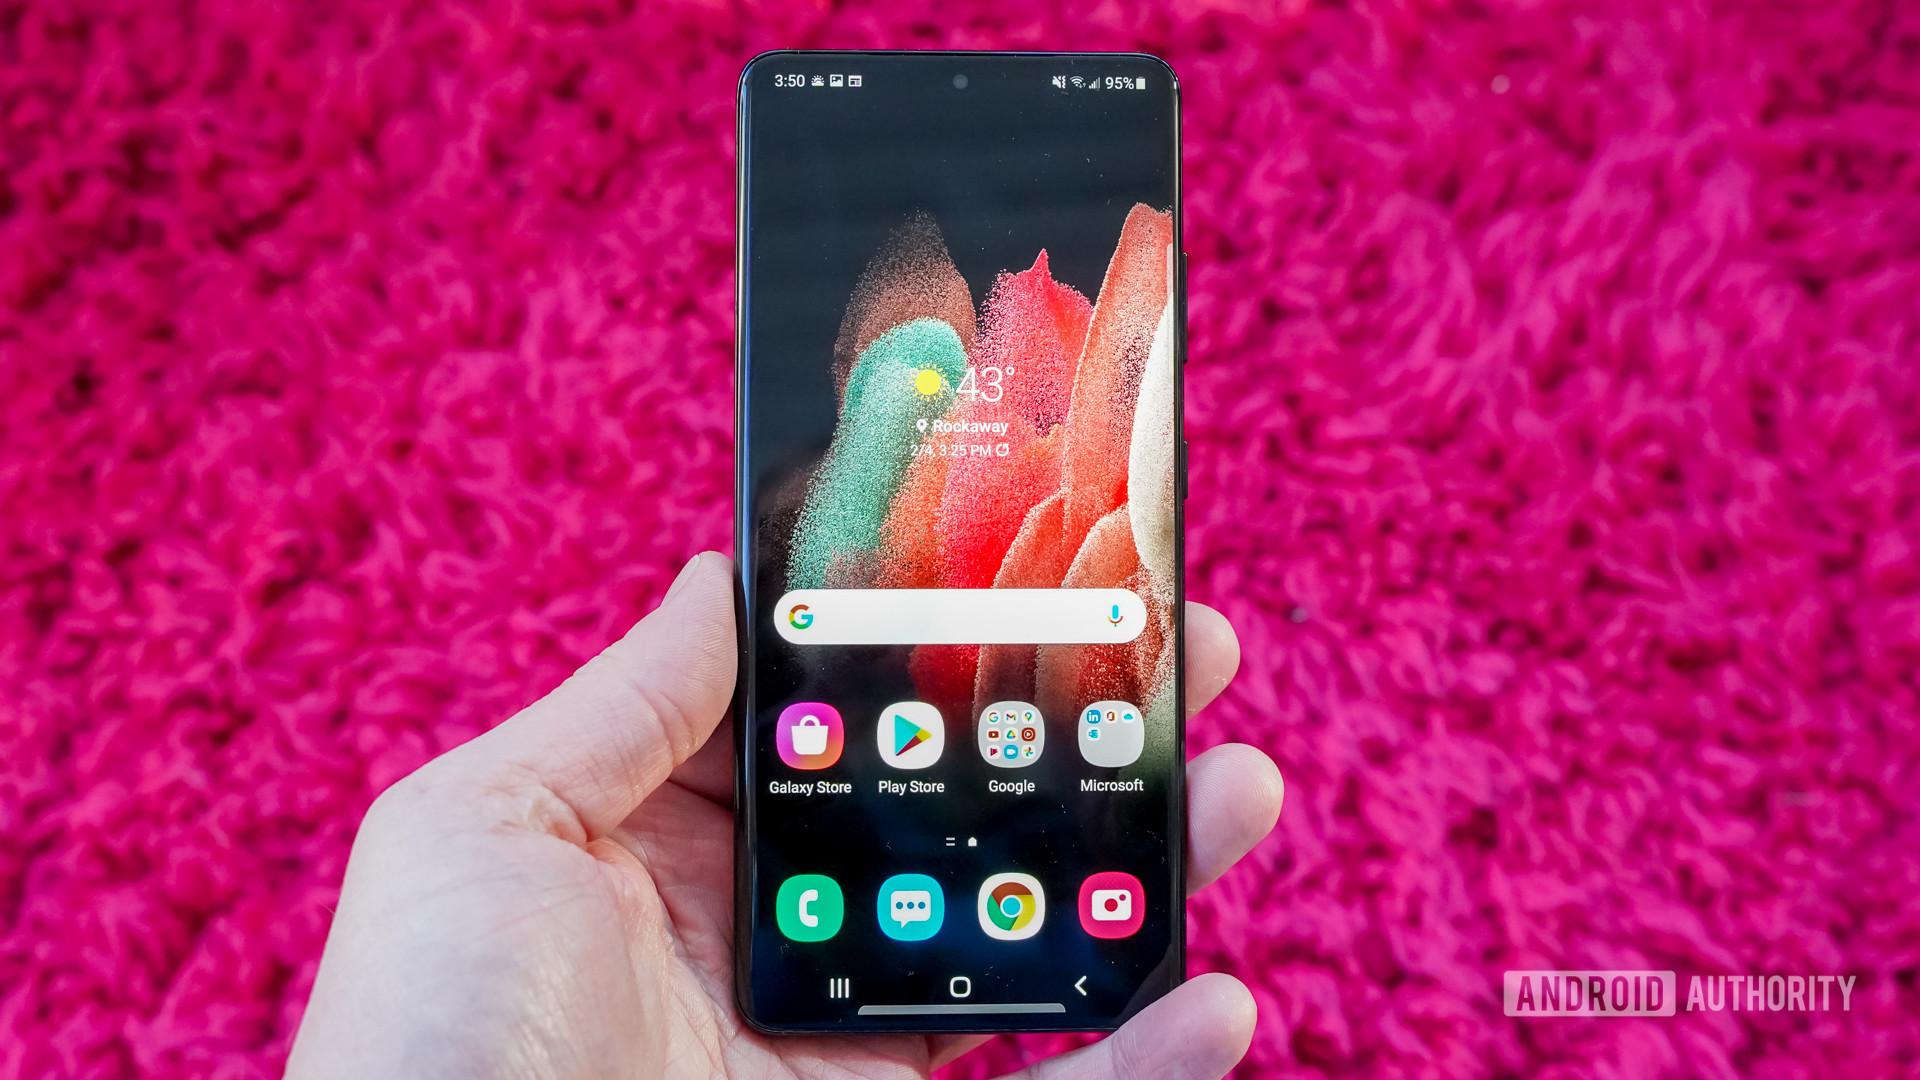 Samsung Galaxy S21 Ultra 5G display